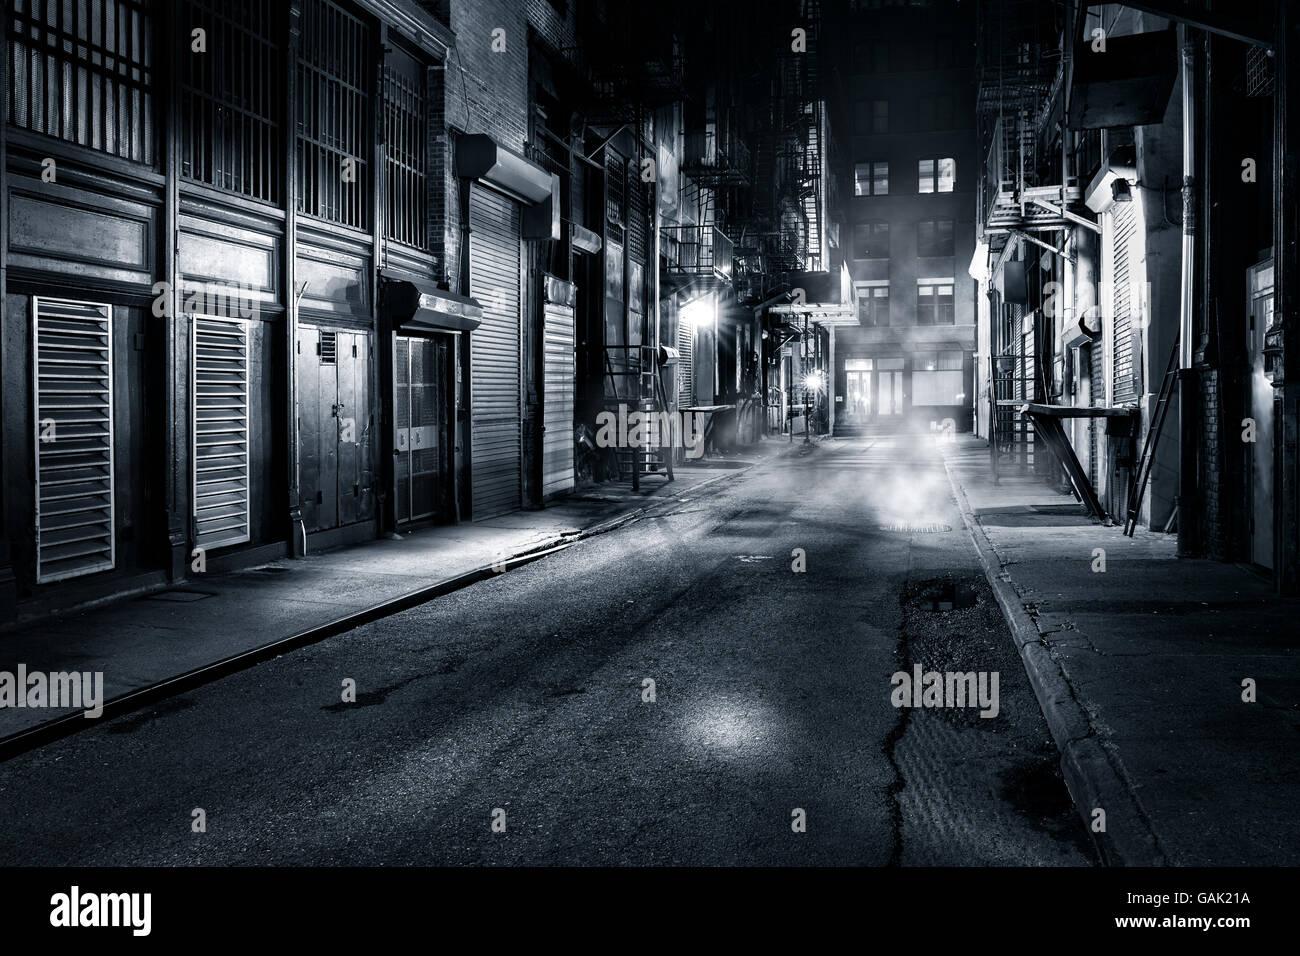 Moody de monochrome Cortlandt Alley par nuit, dans Chinatown, New York City Photo Stock